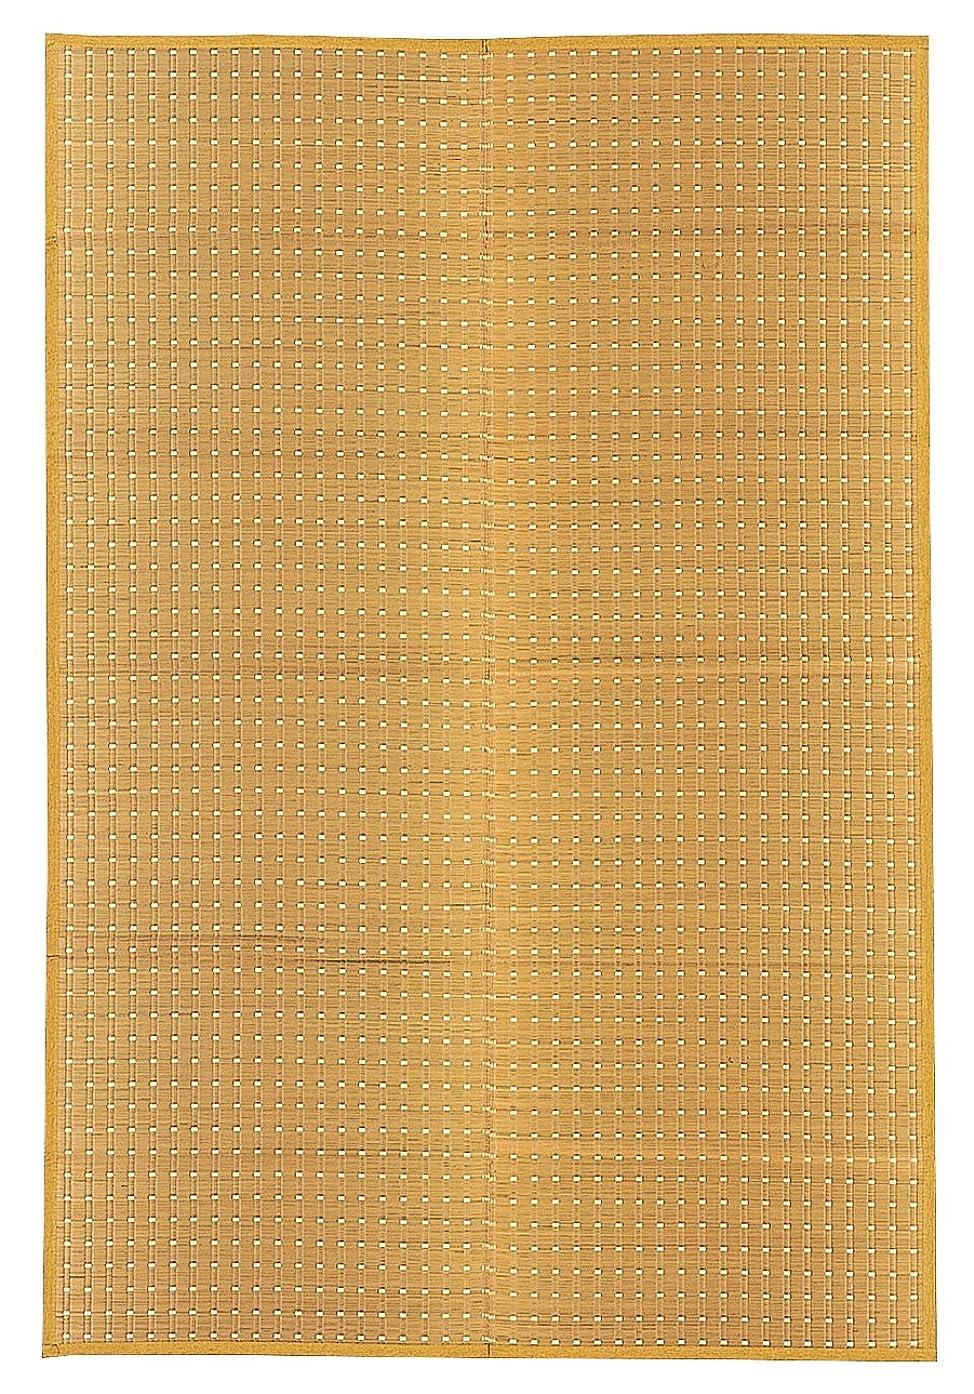 トラップごちそうシェア萩原 イ草 ベージュ 江戸間6畳(約261X352cm) 国産 い草 花ござ カーペット 「吉兆」 22102460